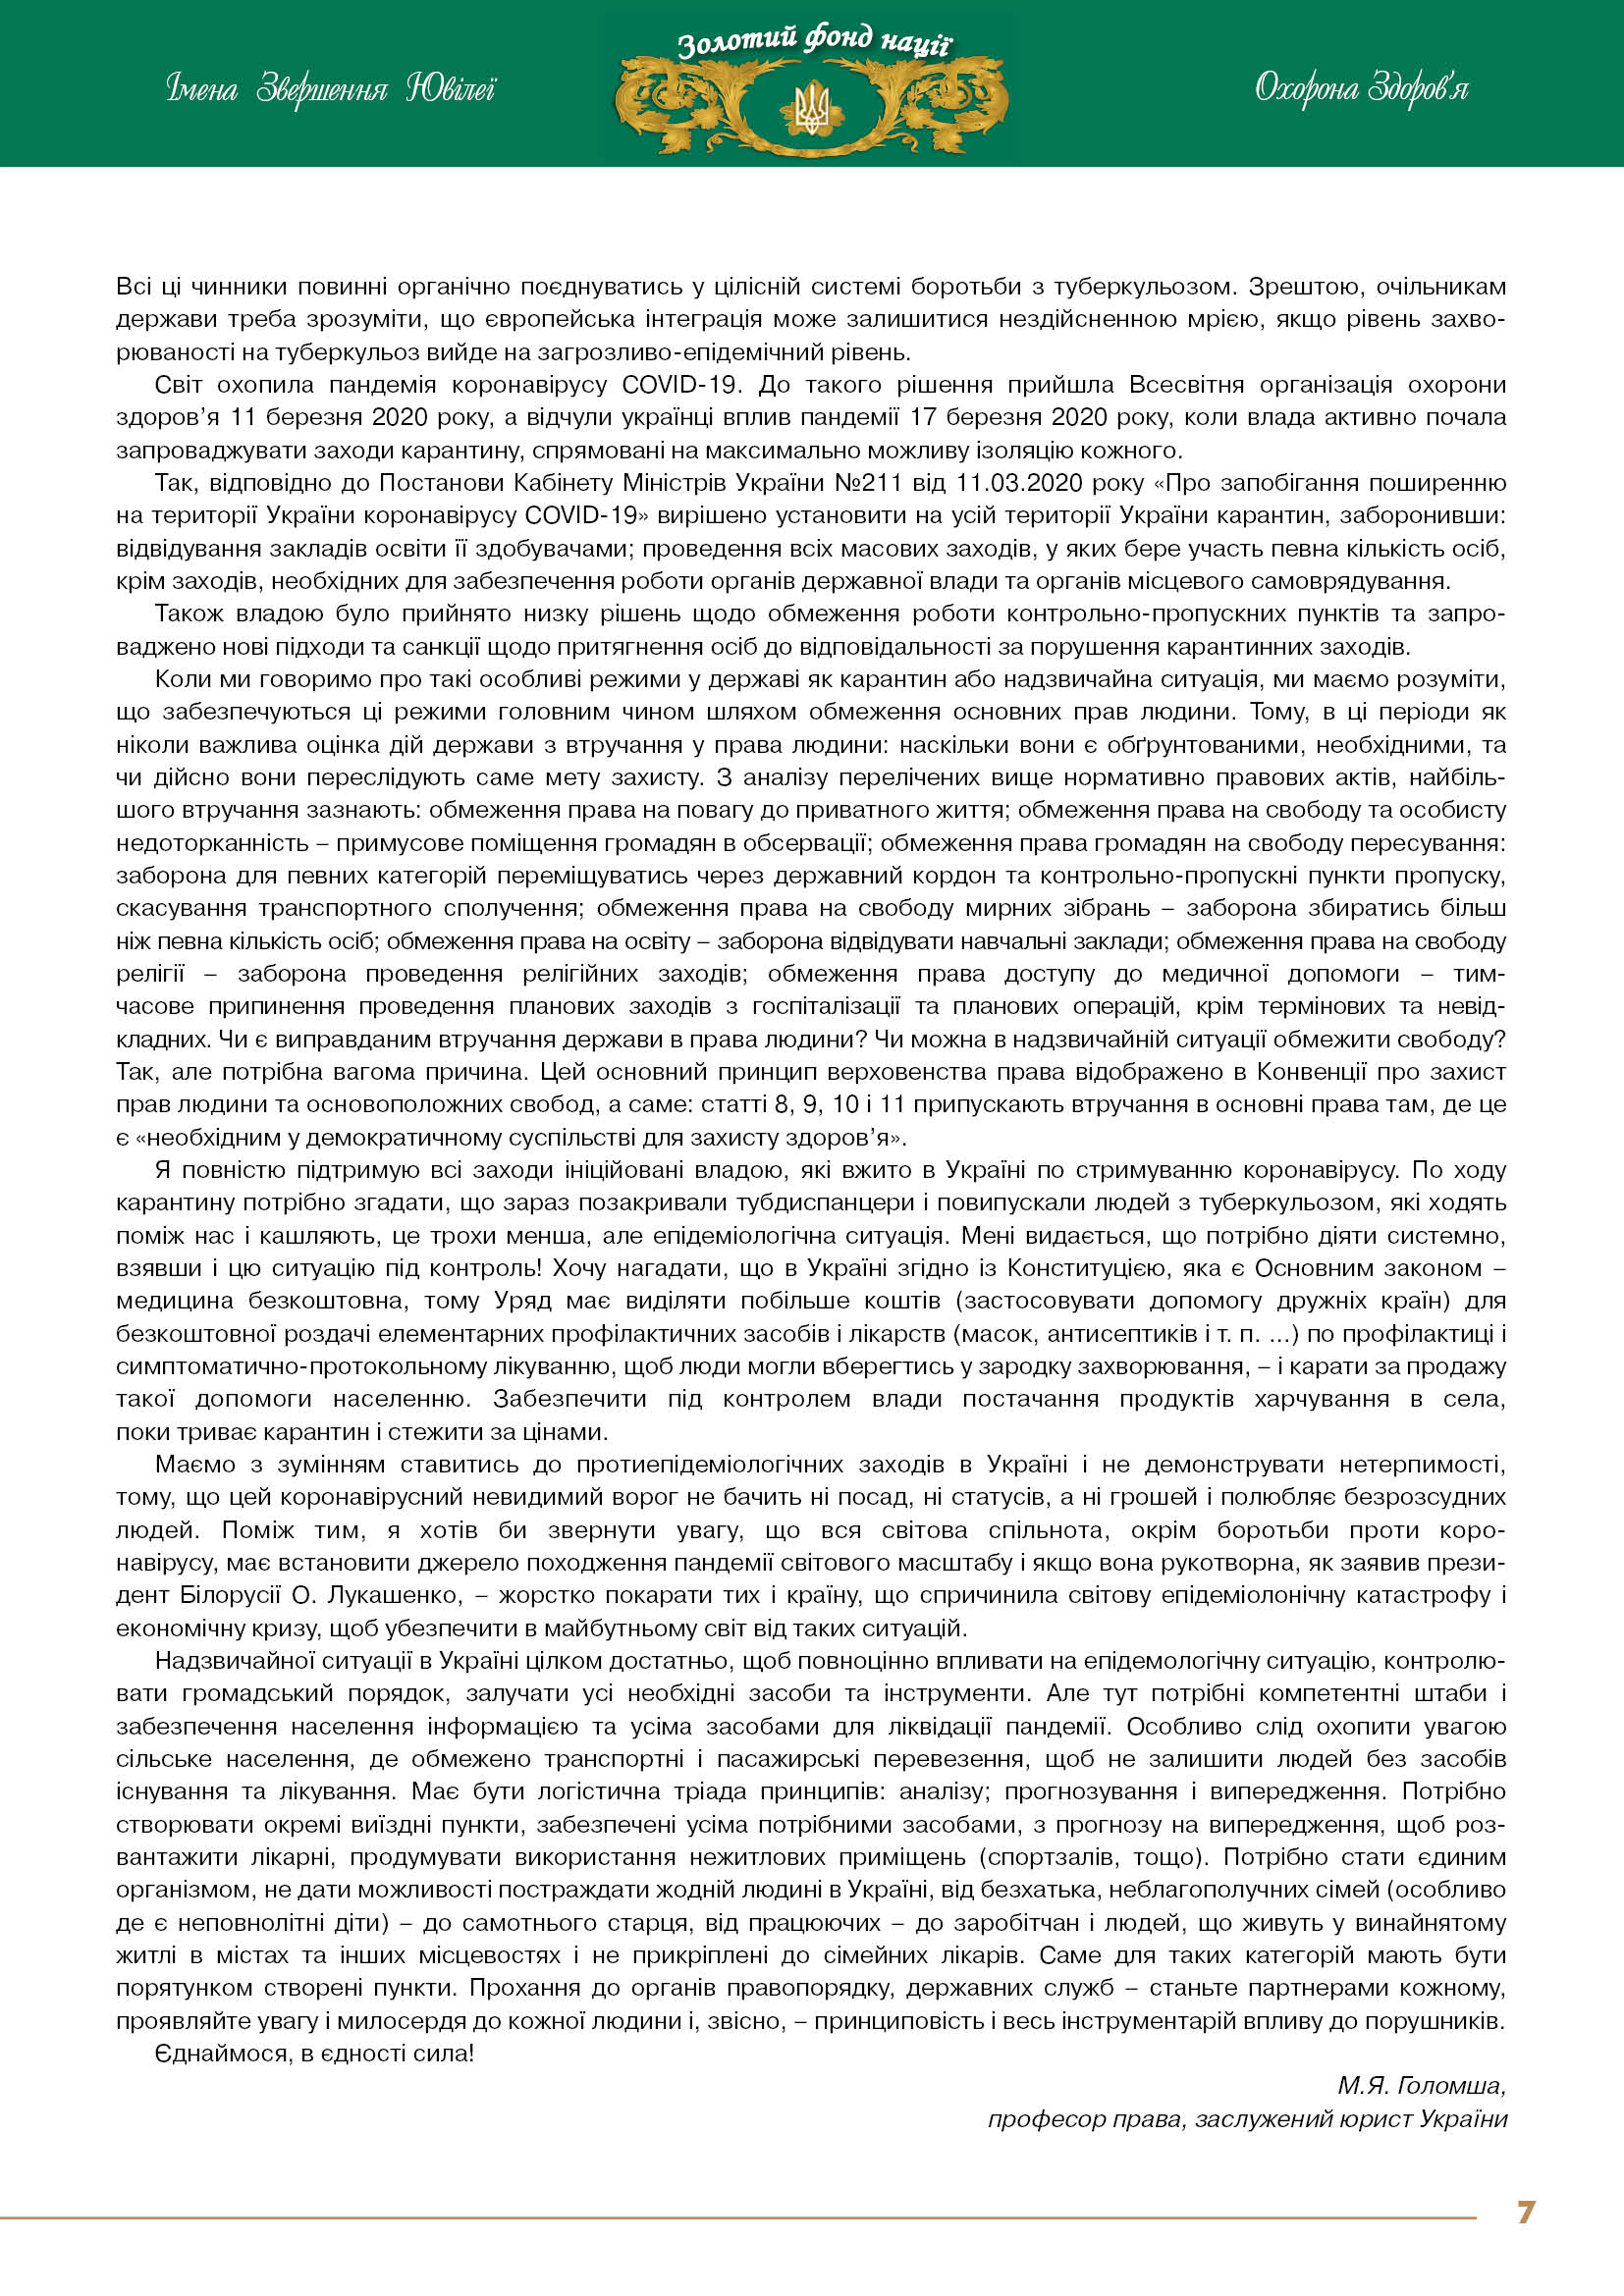 Здоров'я нації має бути пріоритетом модернового державництва в Україні